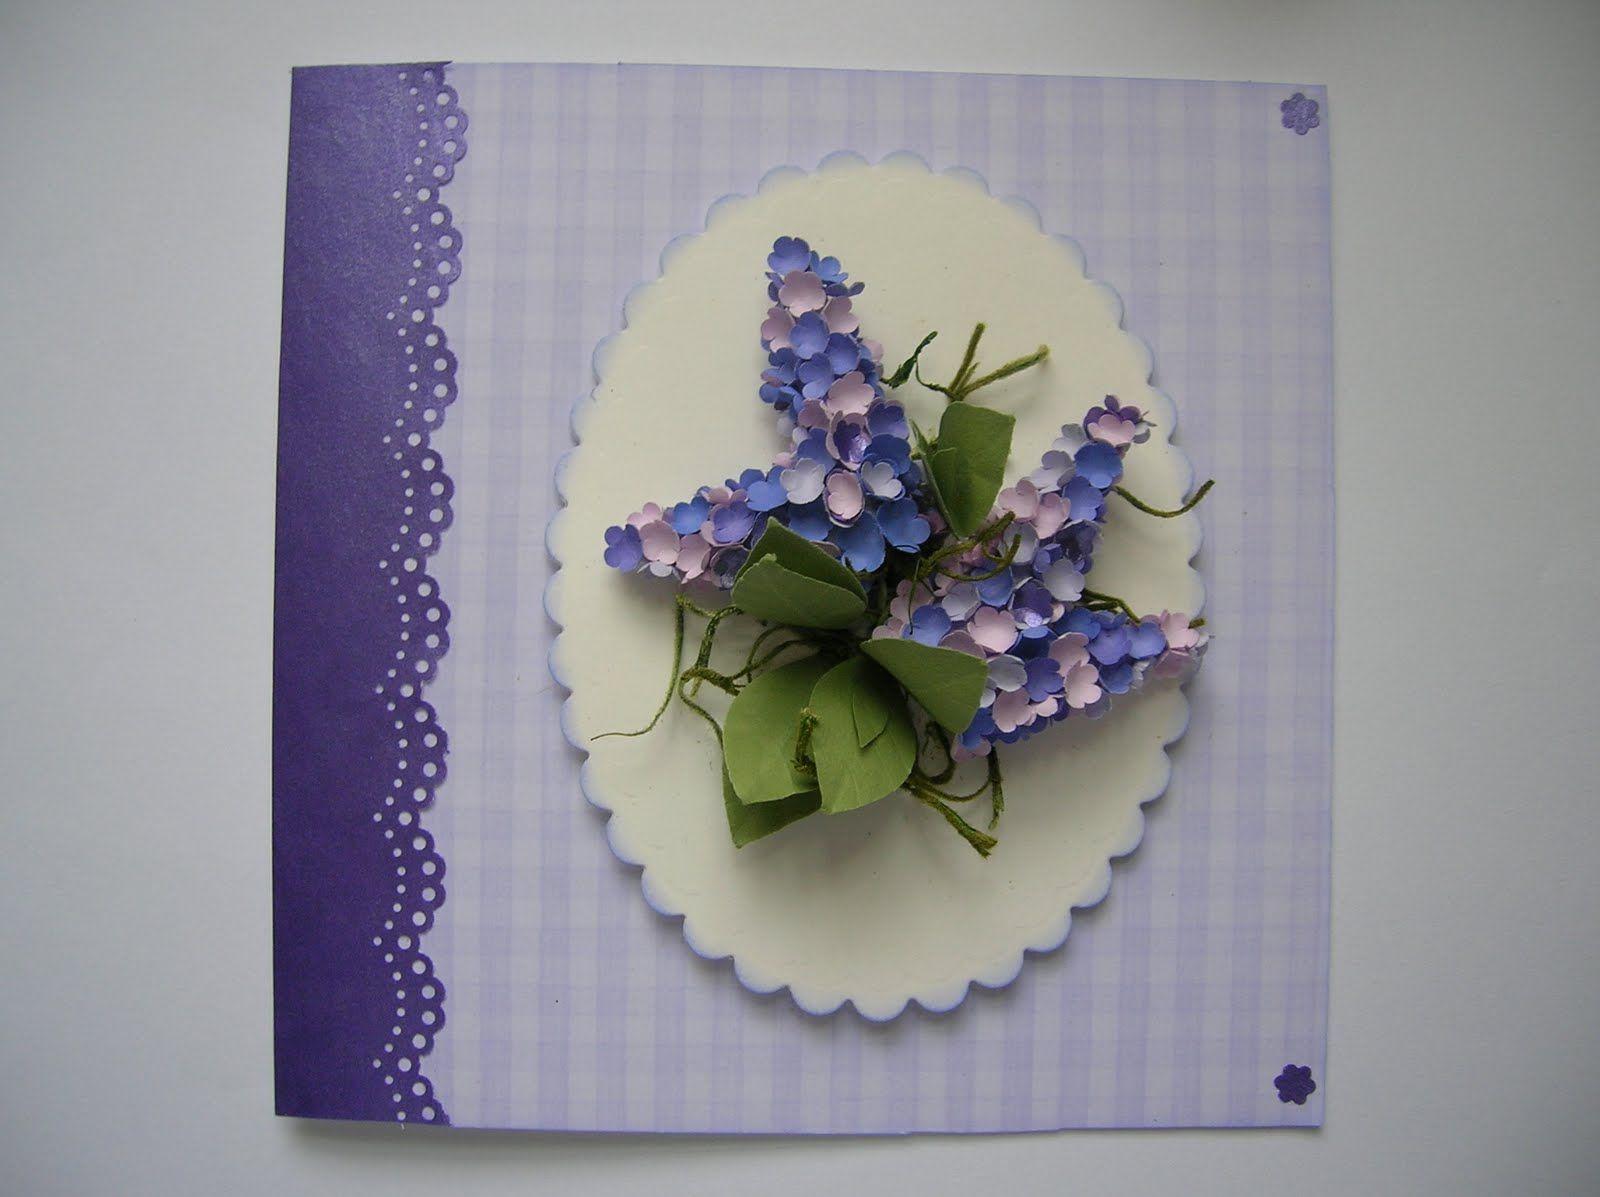 Lilac paper art